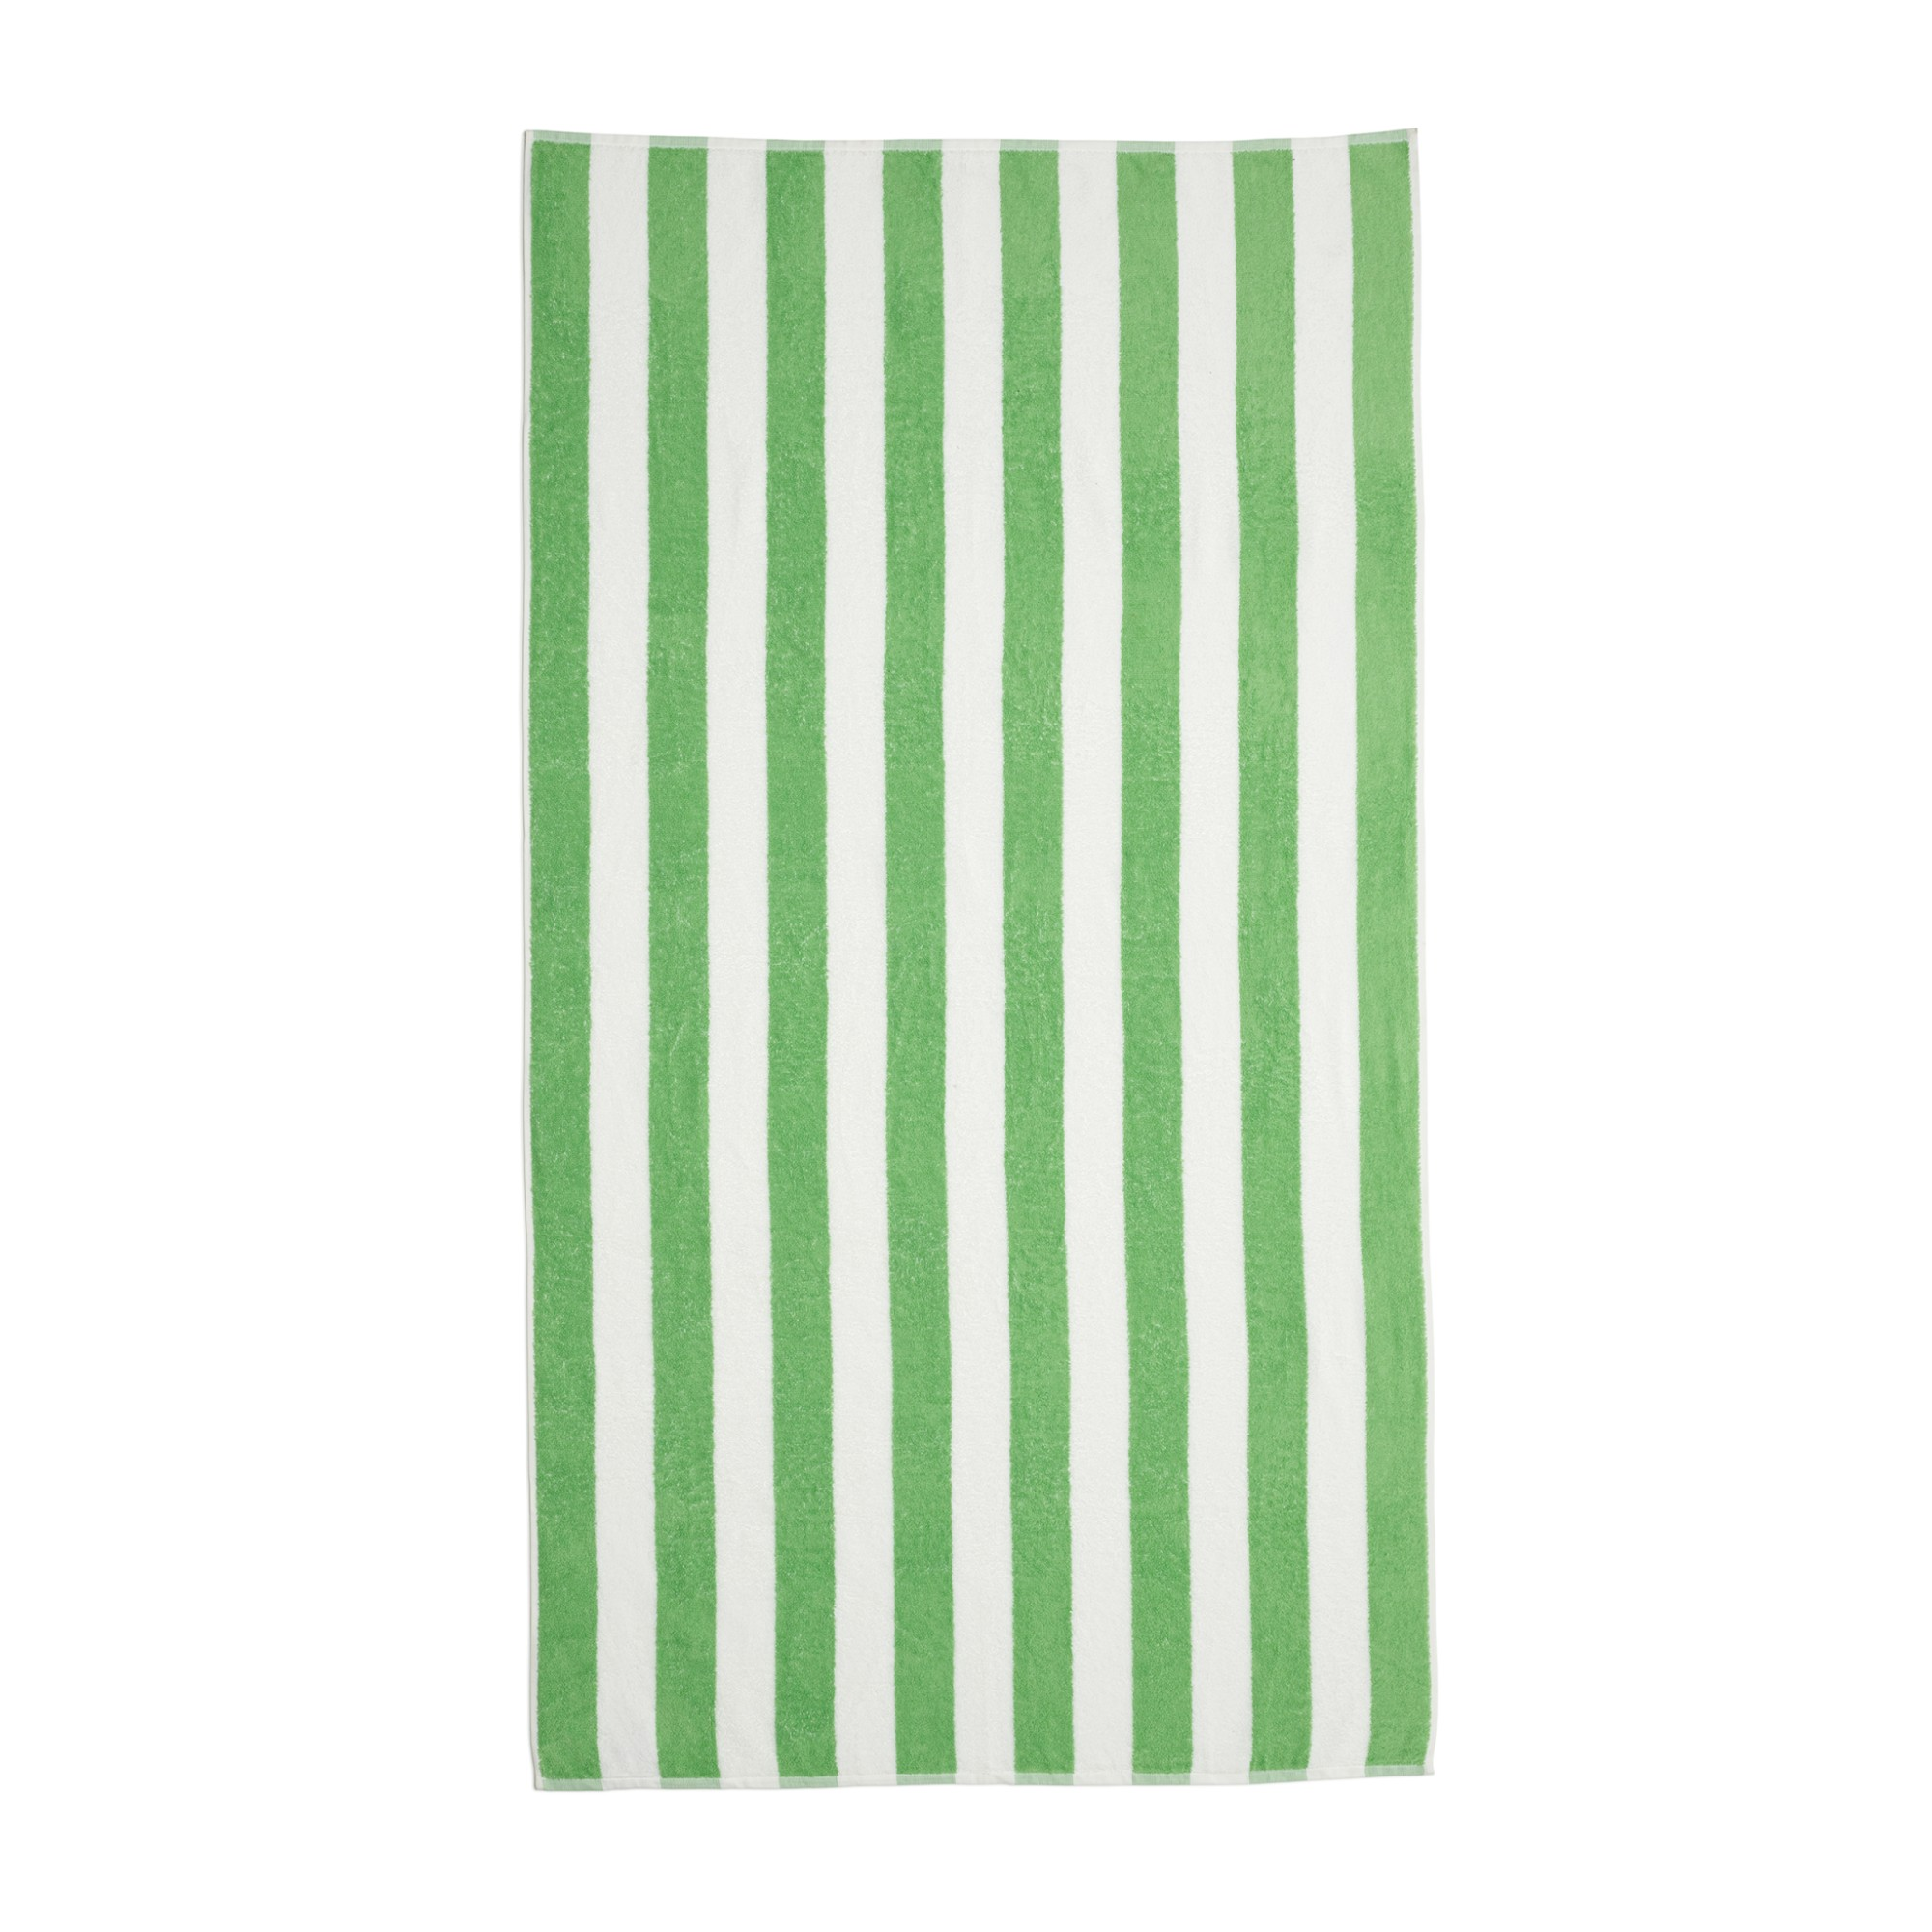 Toalha de Banho Lisa Praia 100 Algodao 86 x 160 cm Verde 0702 - Santista